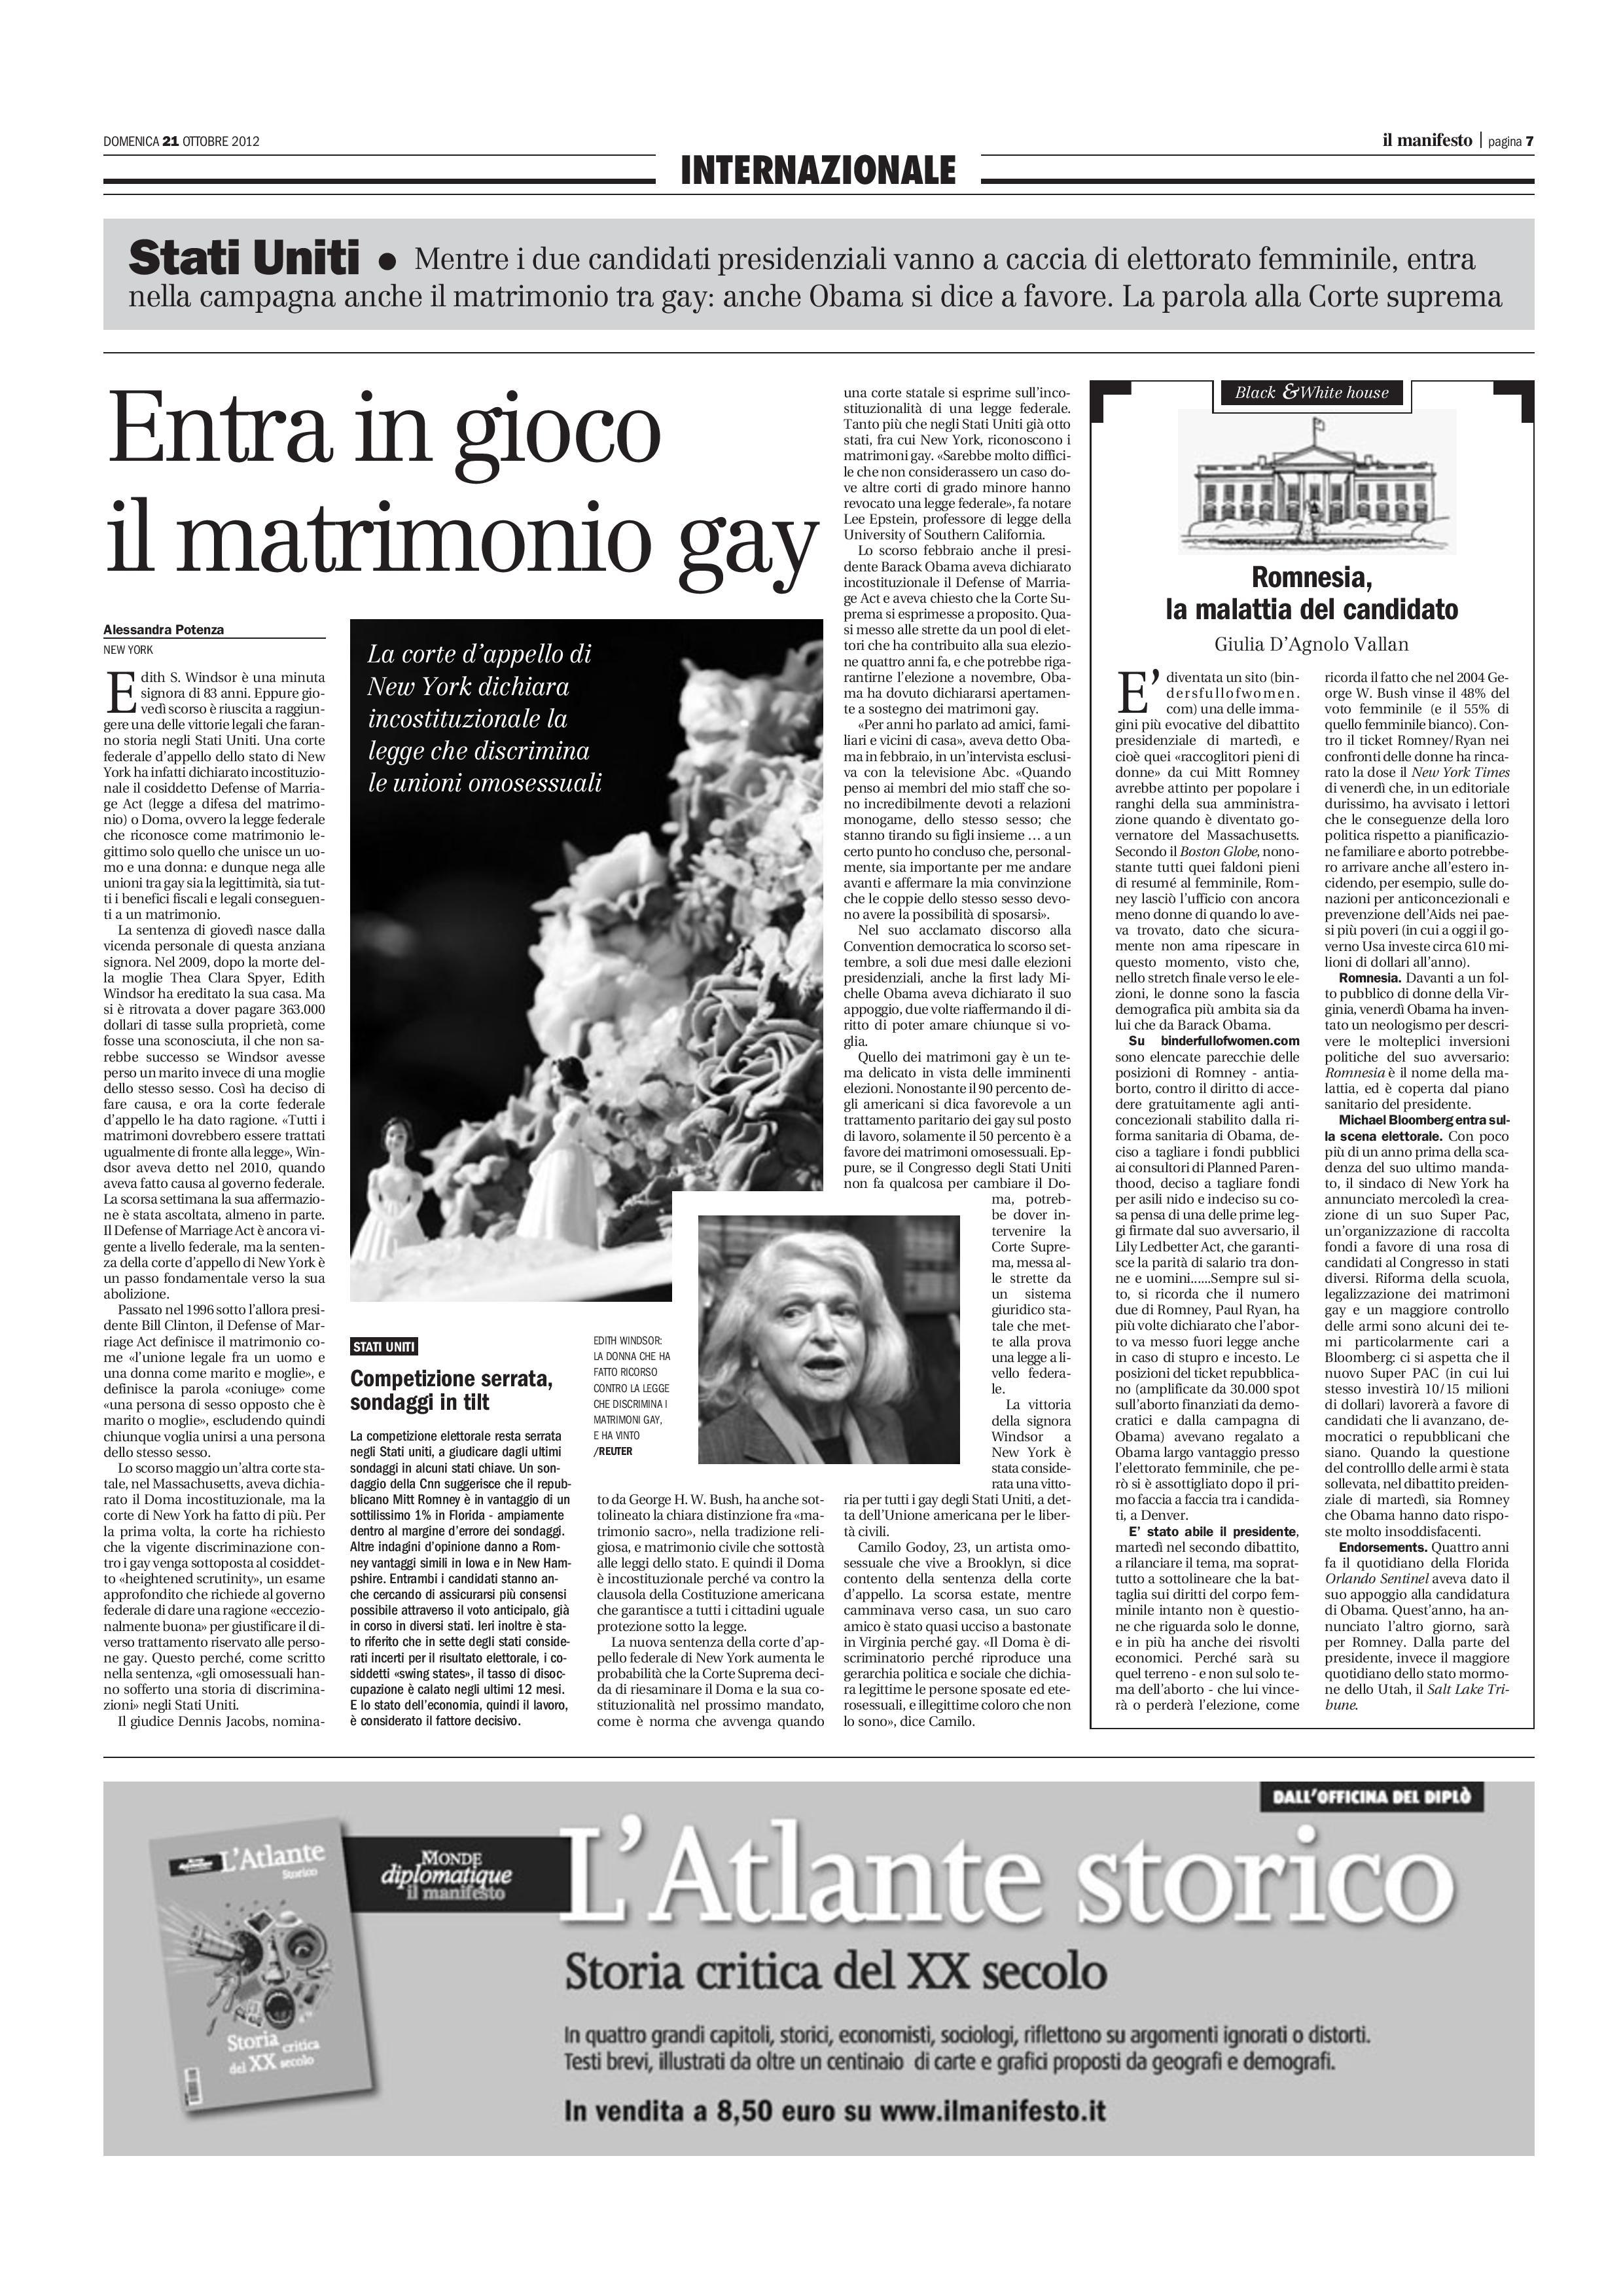 matrimoni gay manfiesto 21.10.2012-page-001.jpg